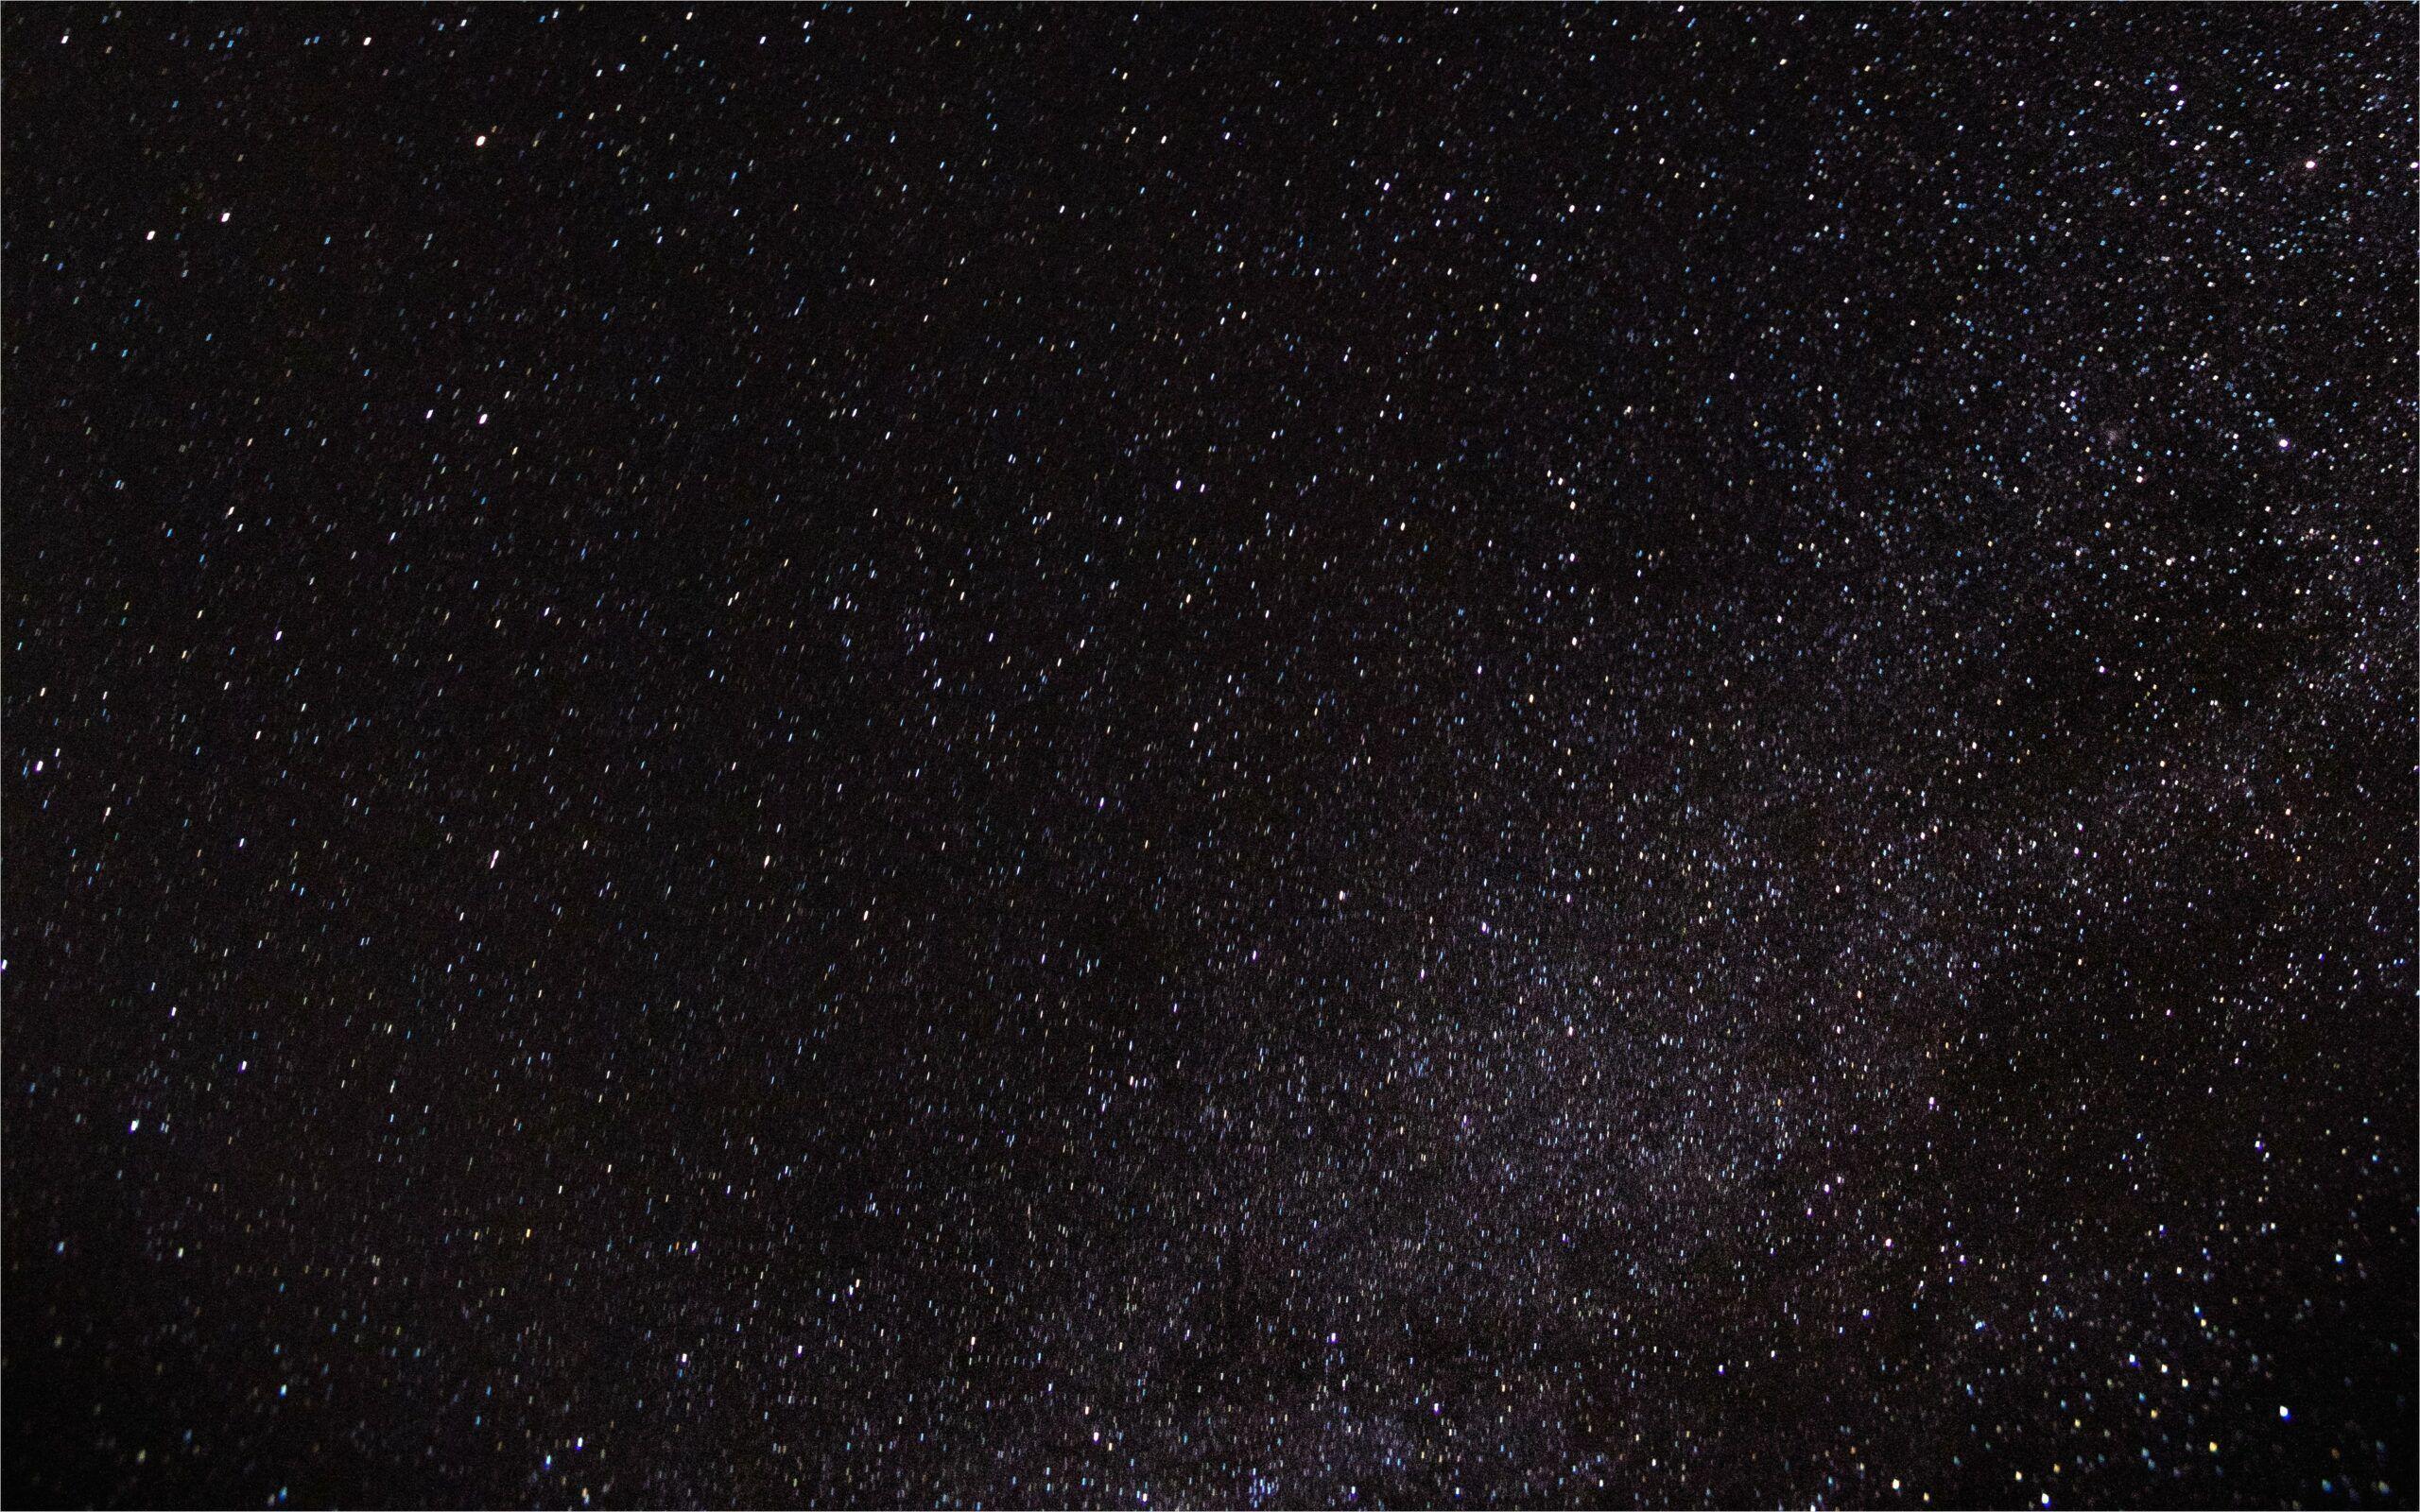 4k Dark Night Stars Wallpaper In 2020 Star Wallpaper Stars At Night Dark Night